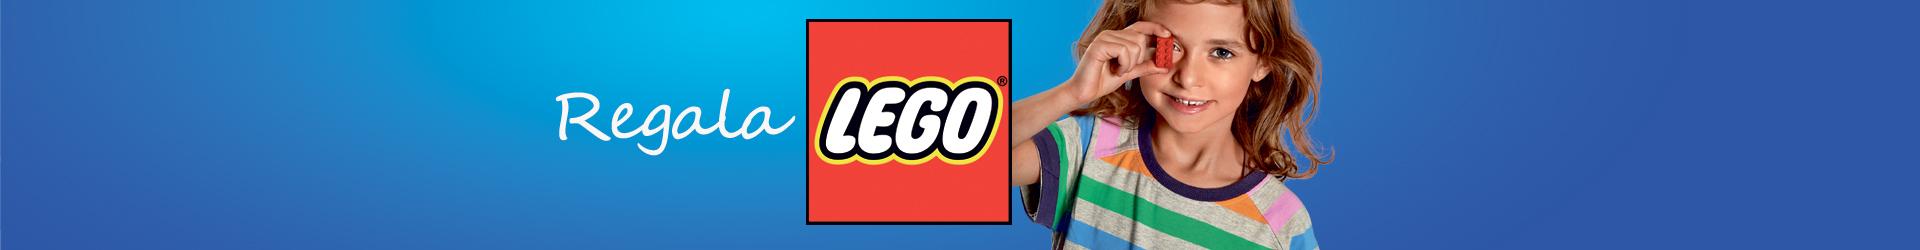 Juegos Lego Tienda heraldo